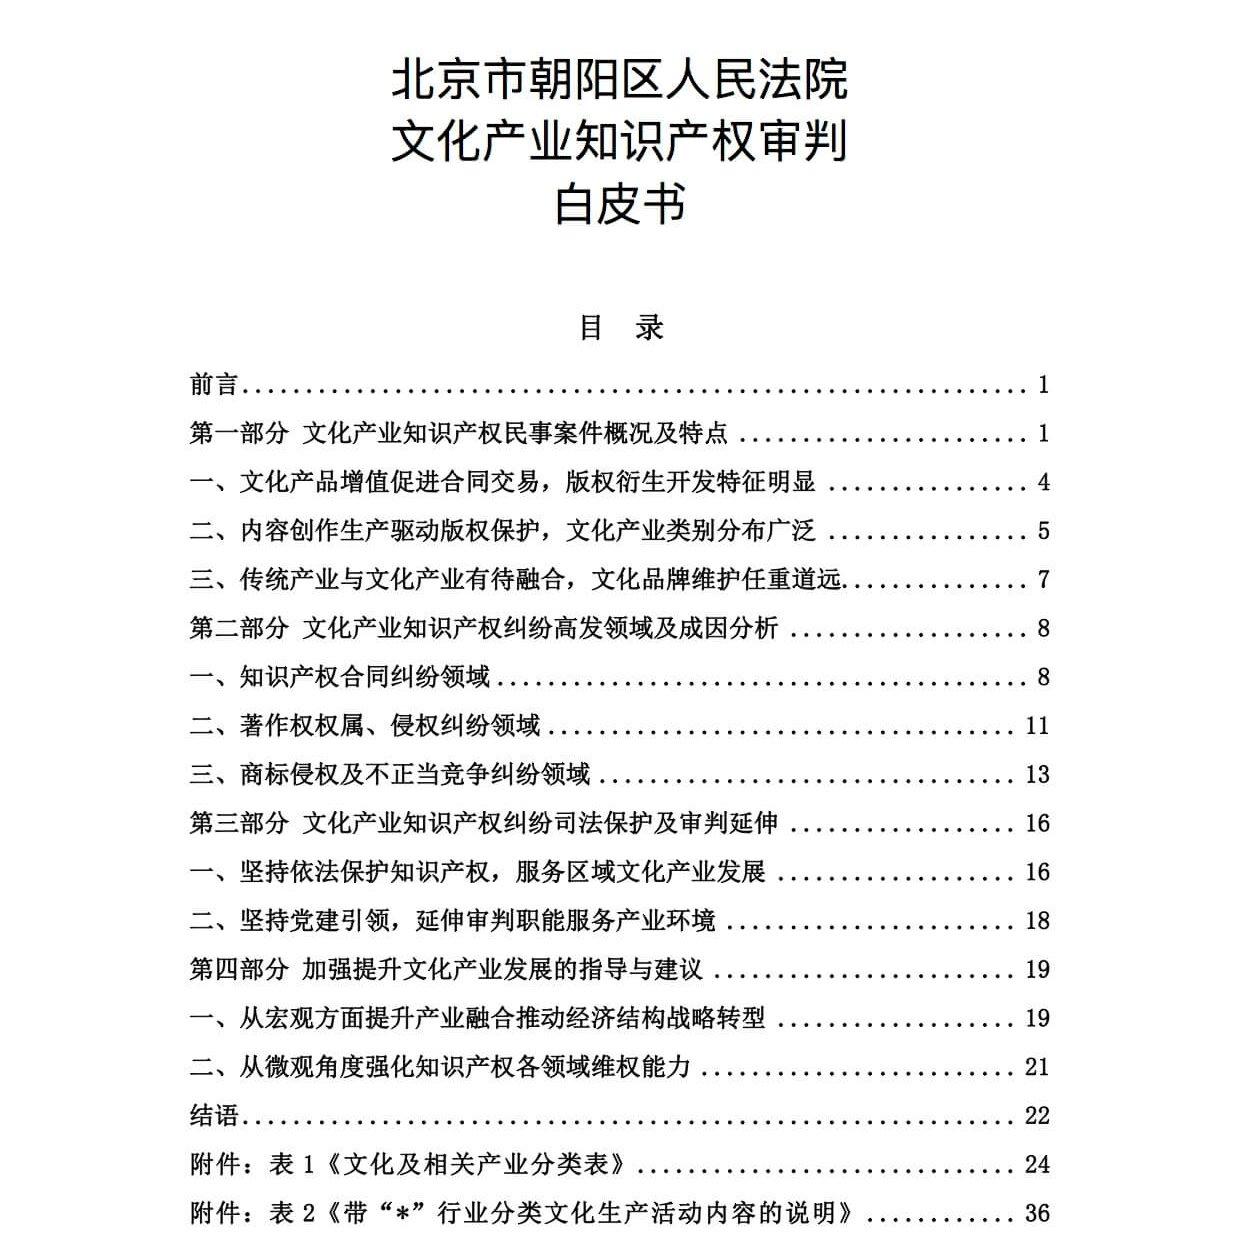 北京朝阳法院发布《文化产业知识产权审判白皮书》附下载链接